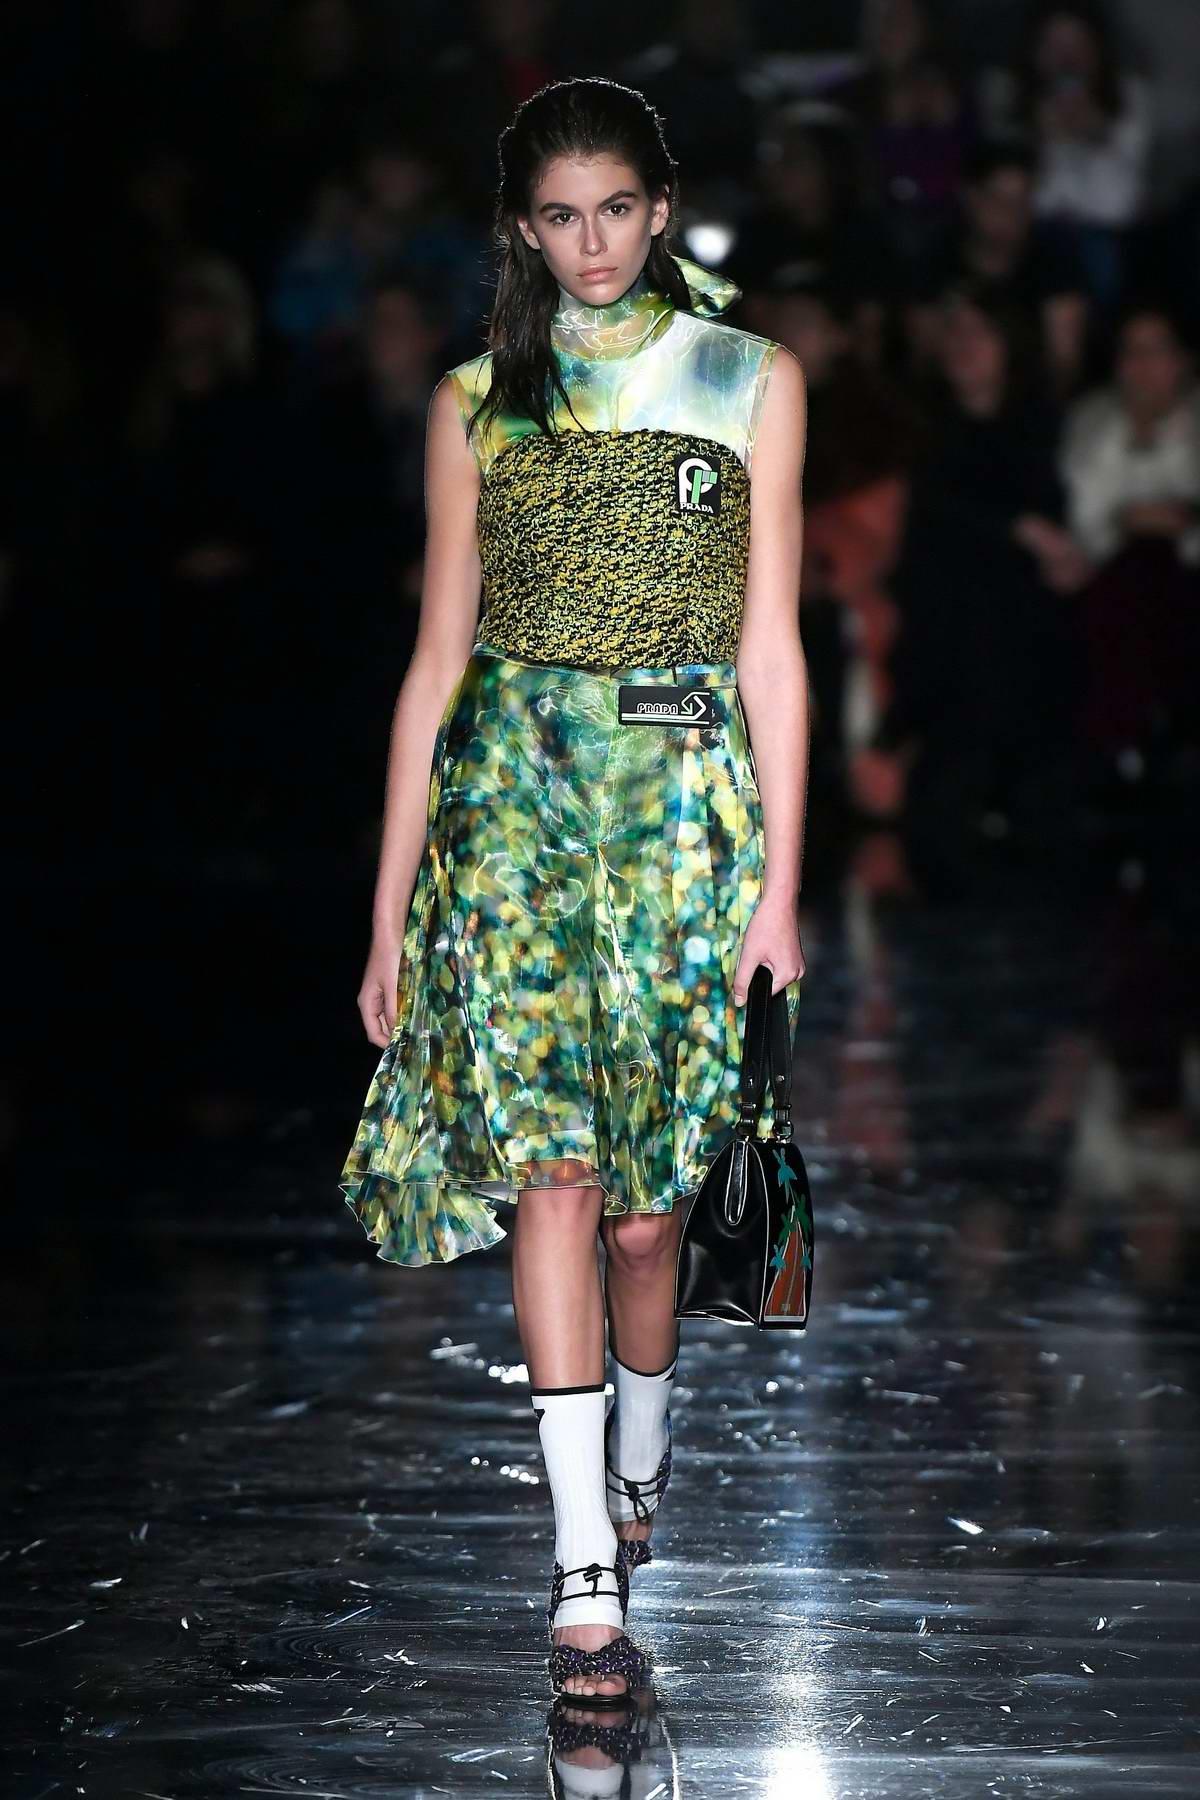 Kaia Gerber walks for Prada Show, Fall Winter 2018 during Milan Fashion Week in Milan, Italy